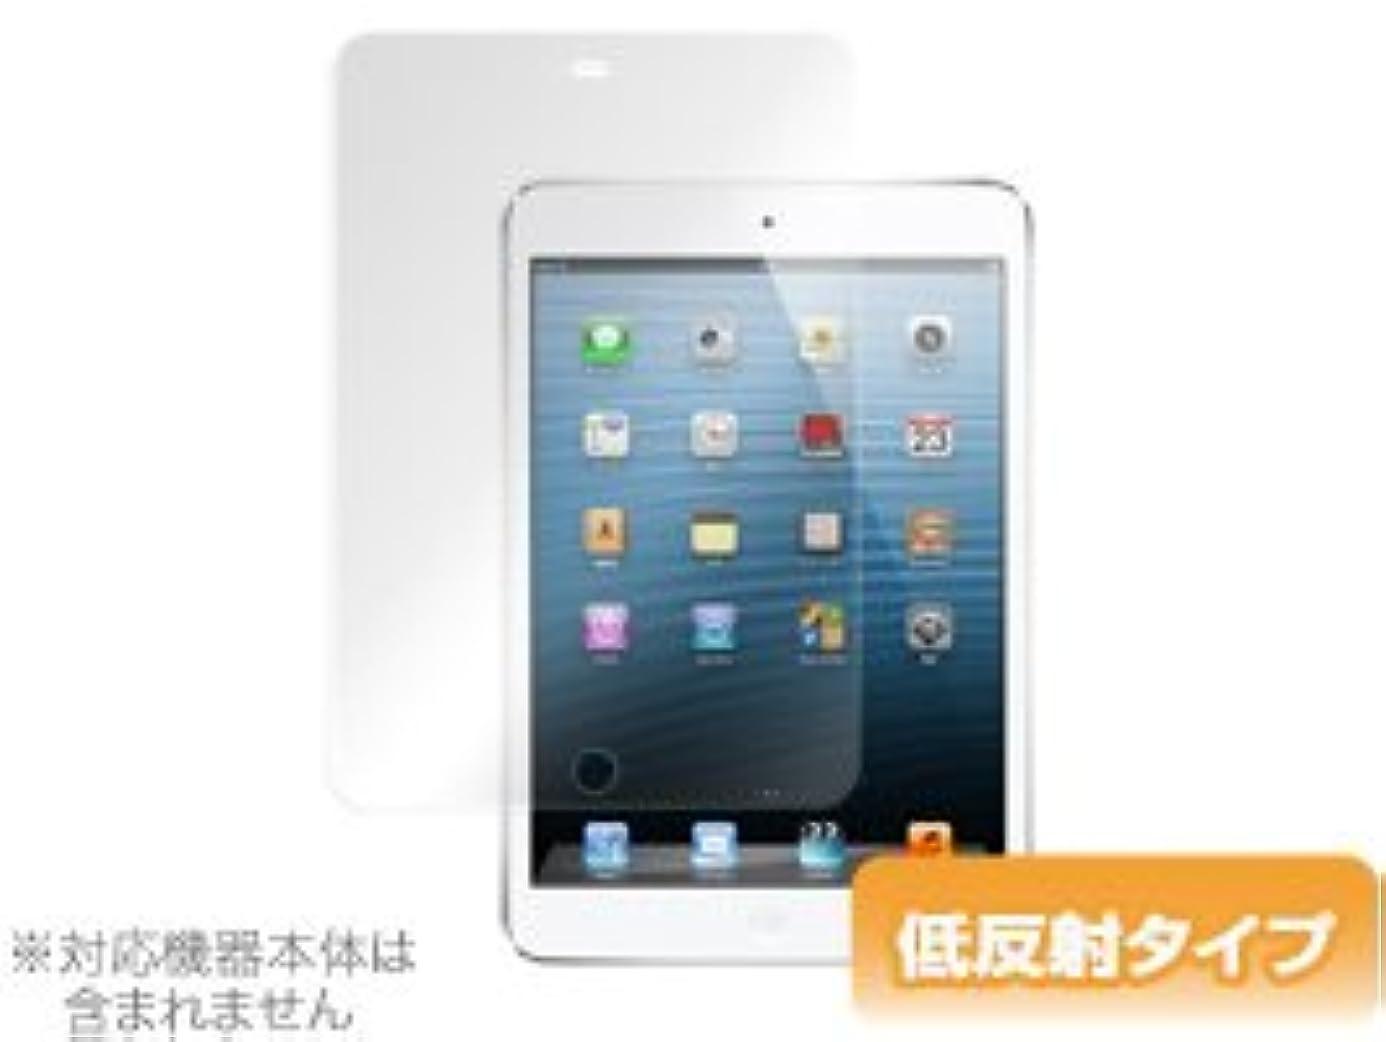 破壊する丁寧しなやかなOverLay Plus for iPad mini 3 / iPad mini Retinaディスプレイモデル / iPad mini  表面用保護シート  低反射 タイプ 液晶 保護シート OLIPADM